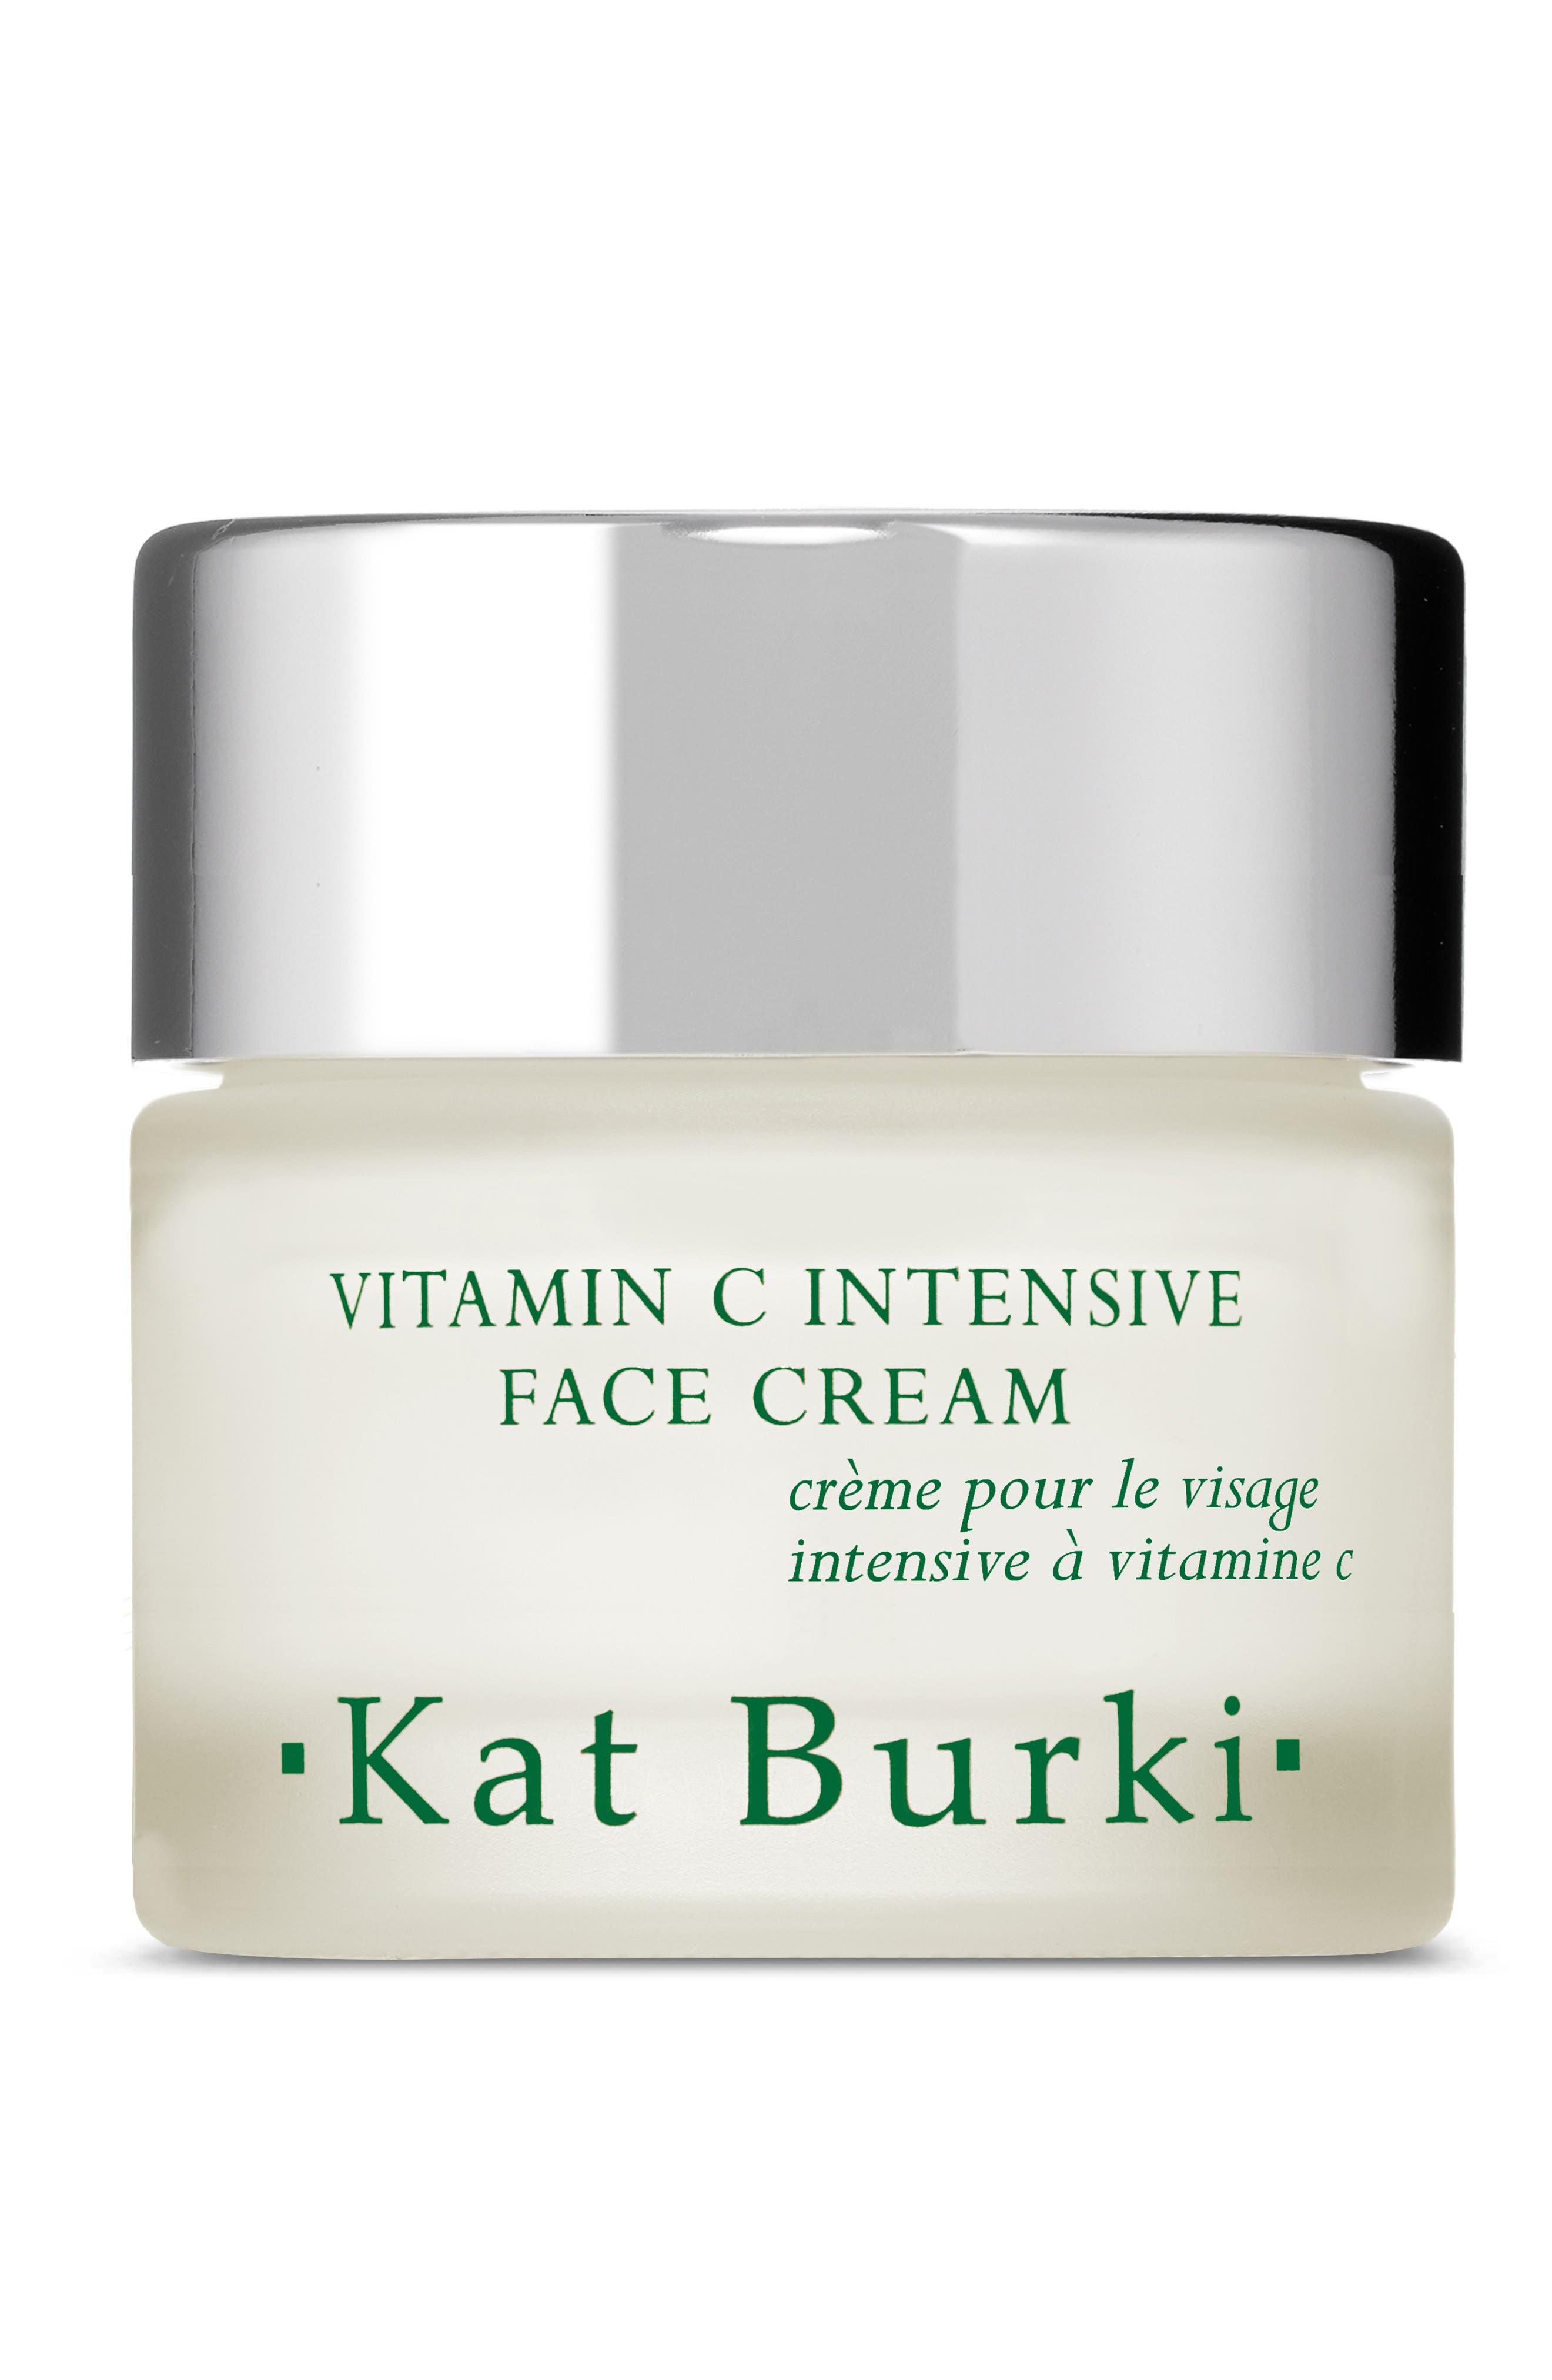 Vitamin C Intensive Face Cream